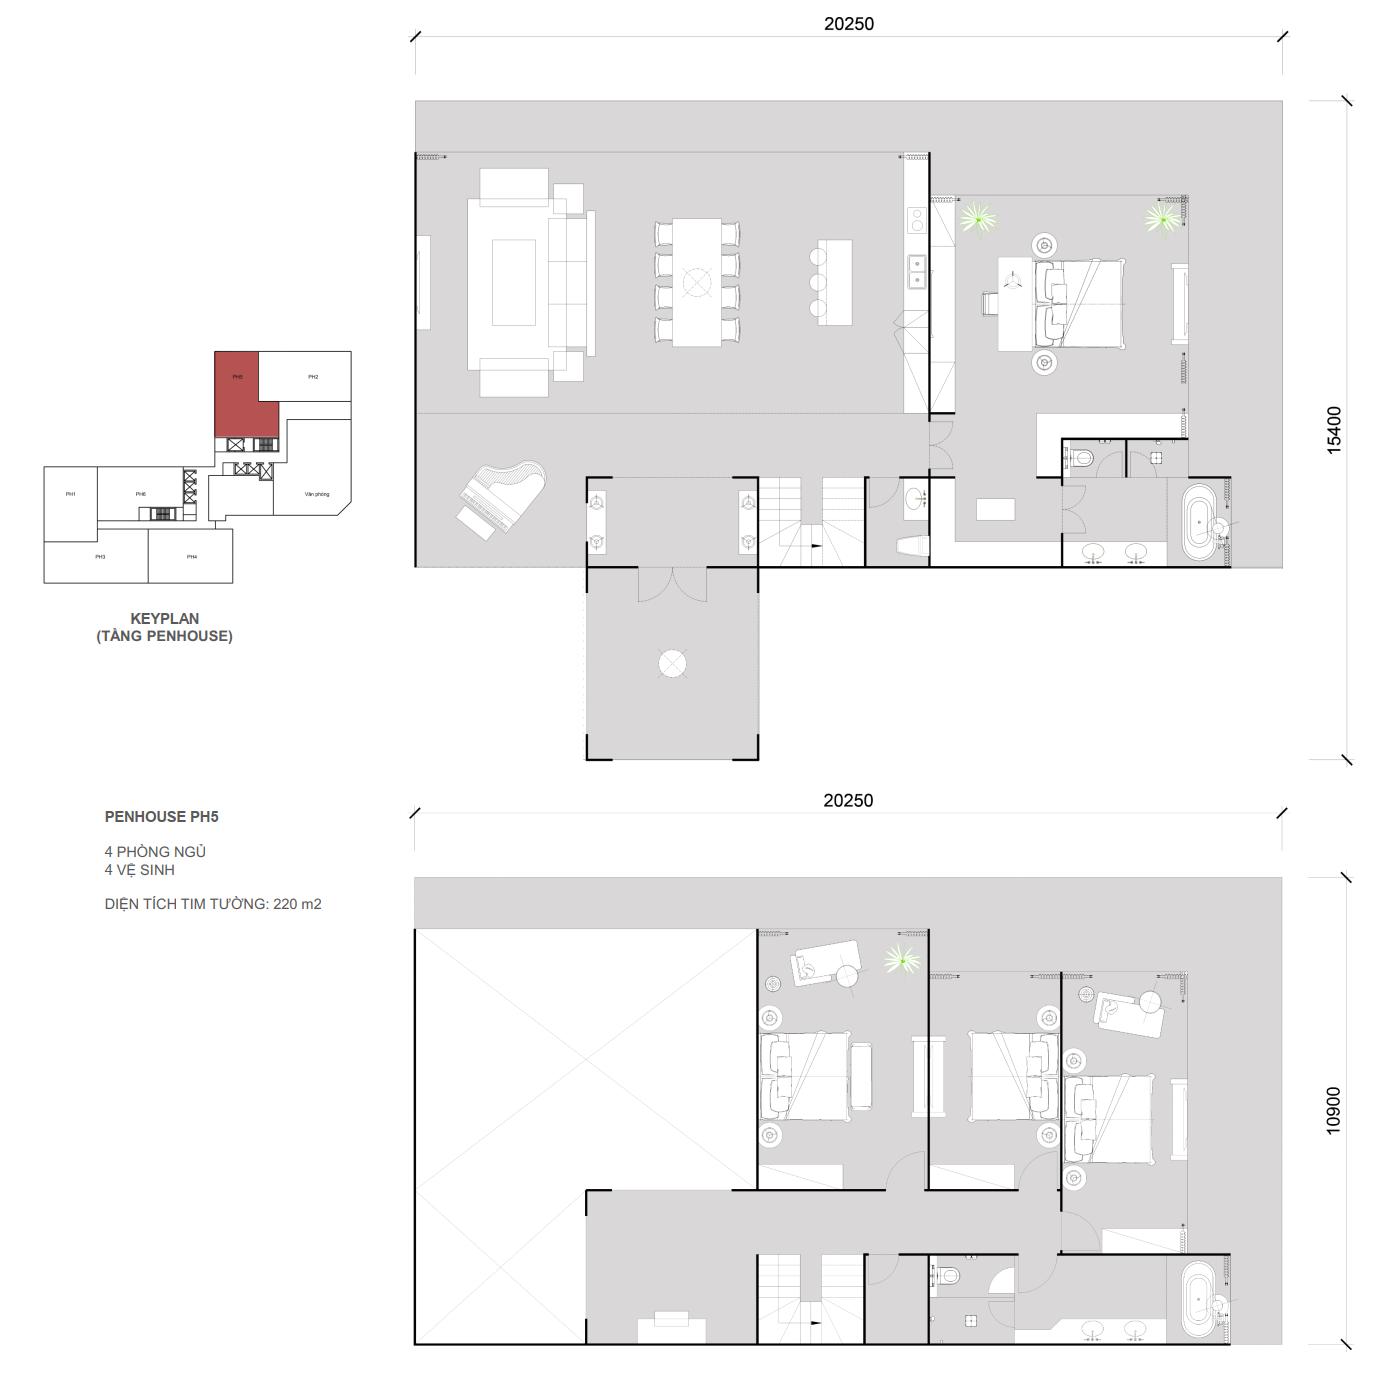 Thiết kế căn Penhouse 05 - 4 ngủ 4 wc - Diện tích 220 m2